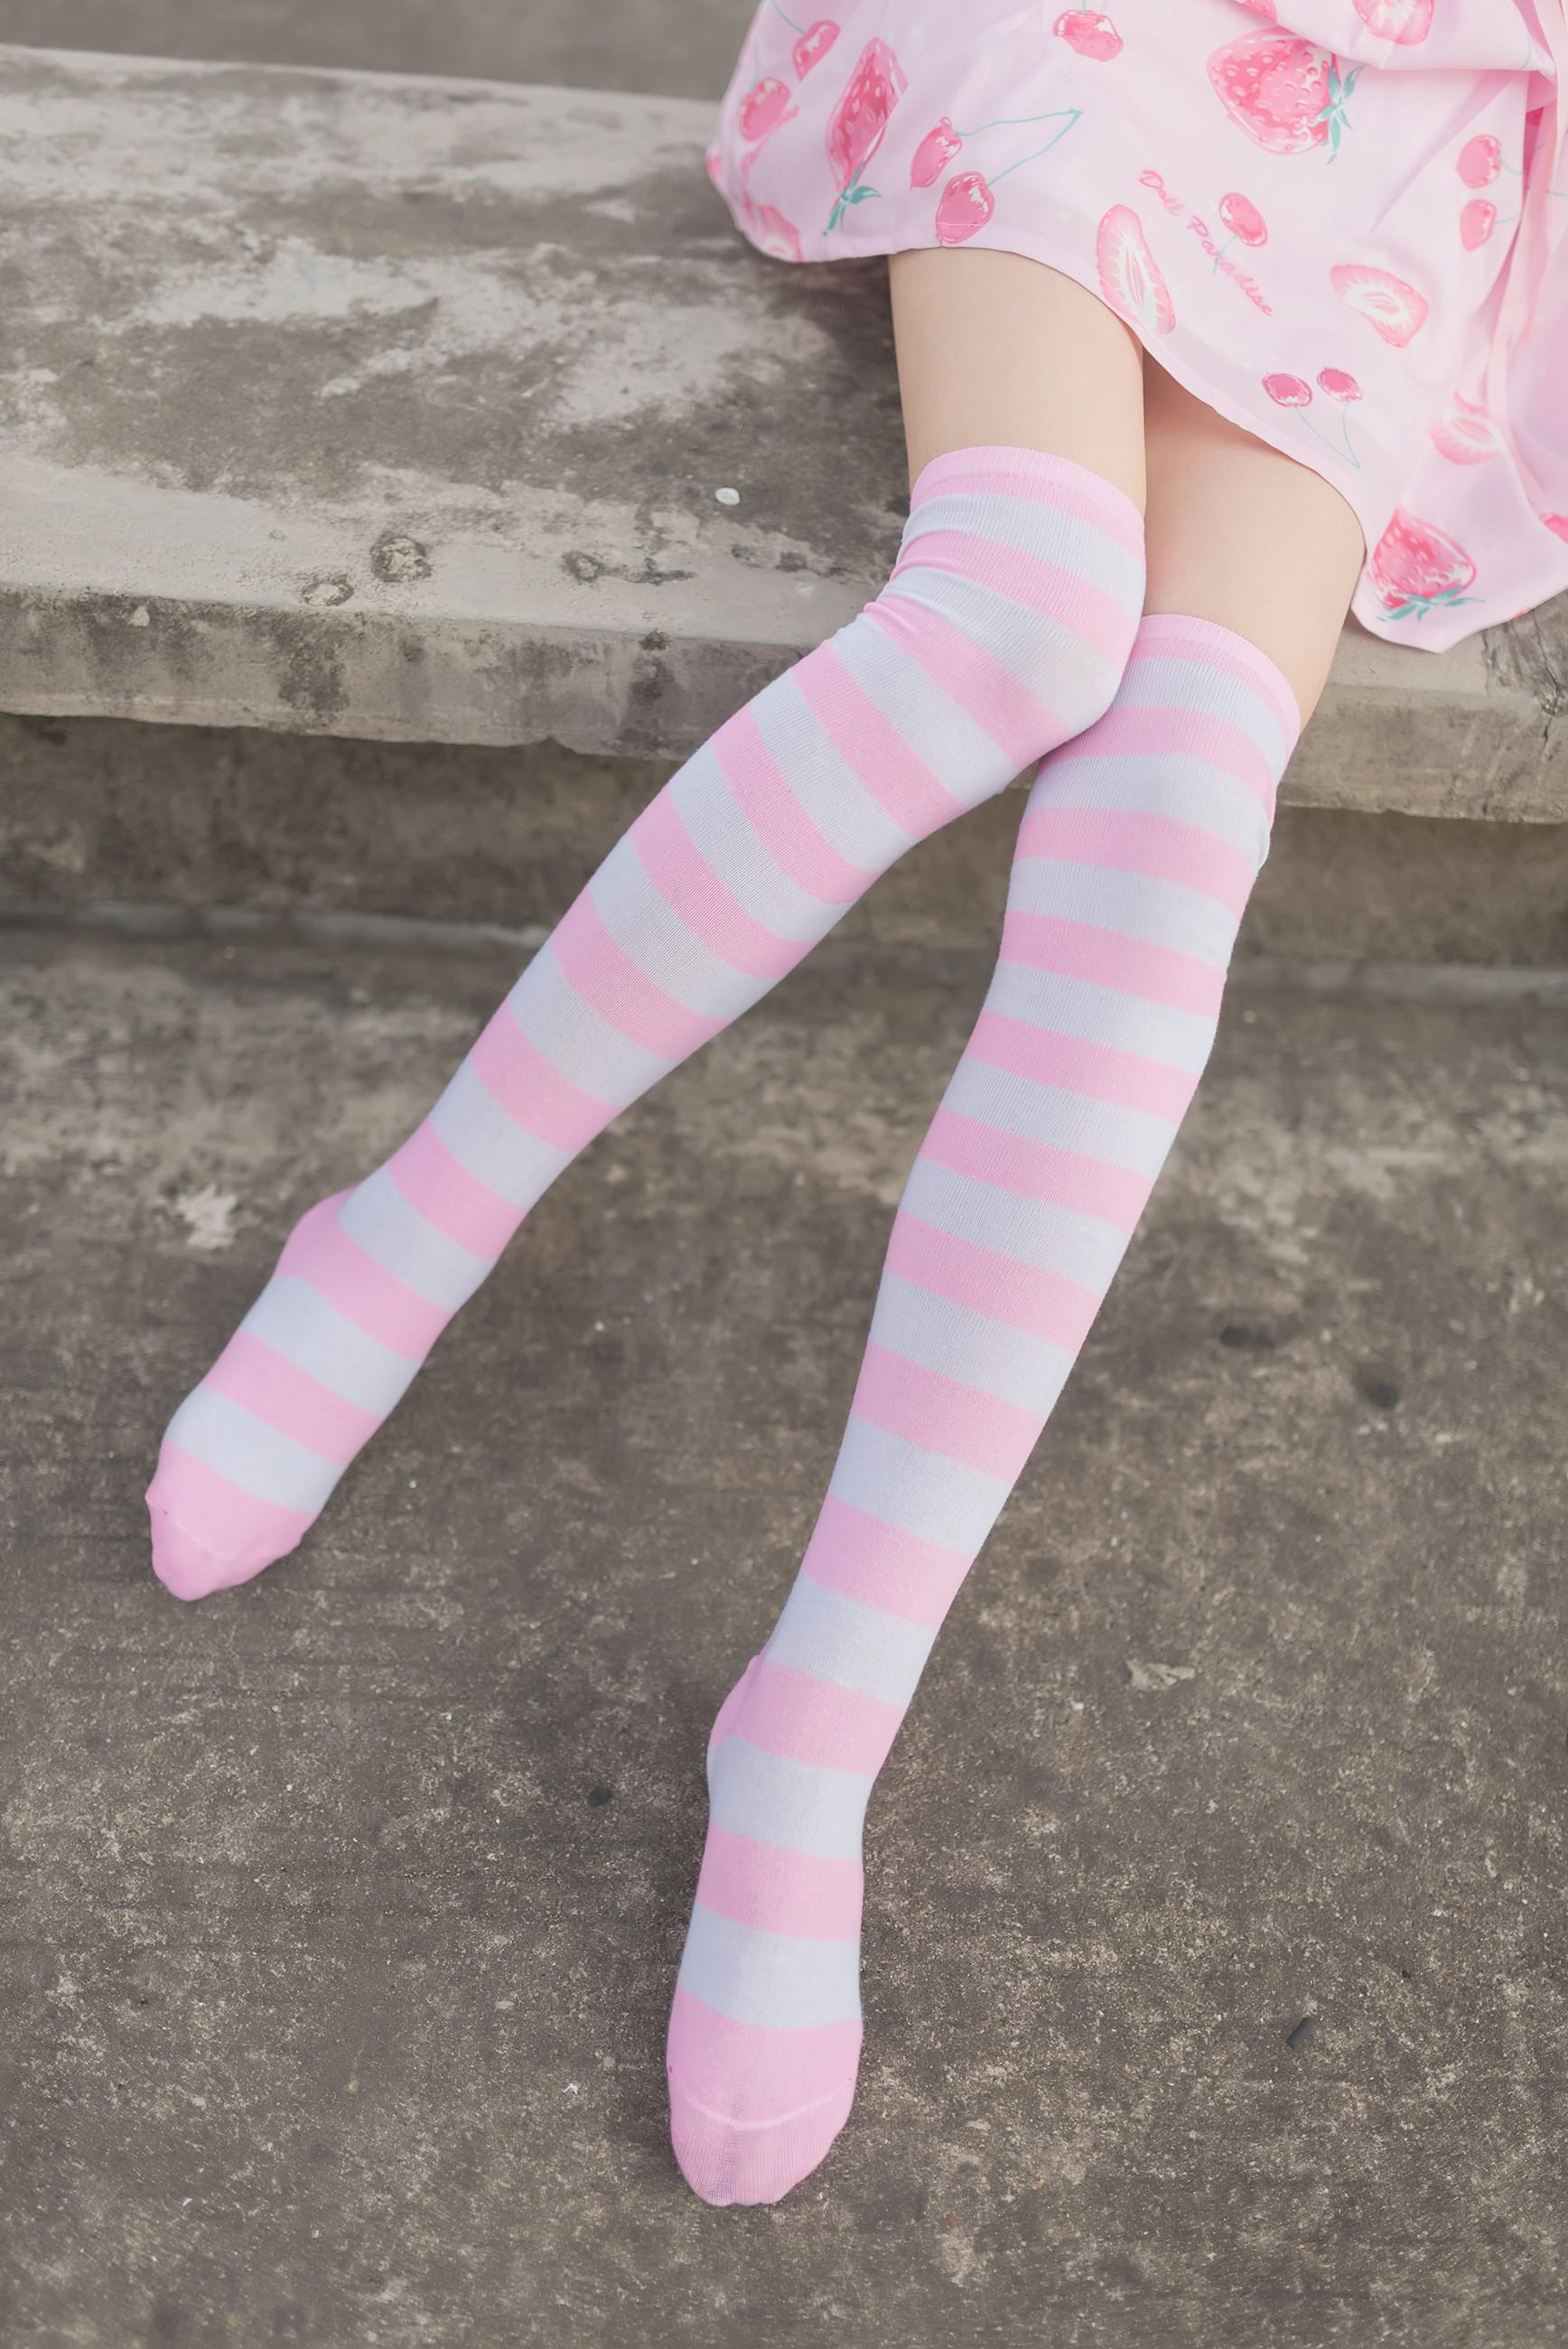 【兔玩映画】粉白条纹 兔玩映画 第33张